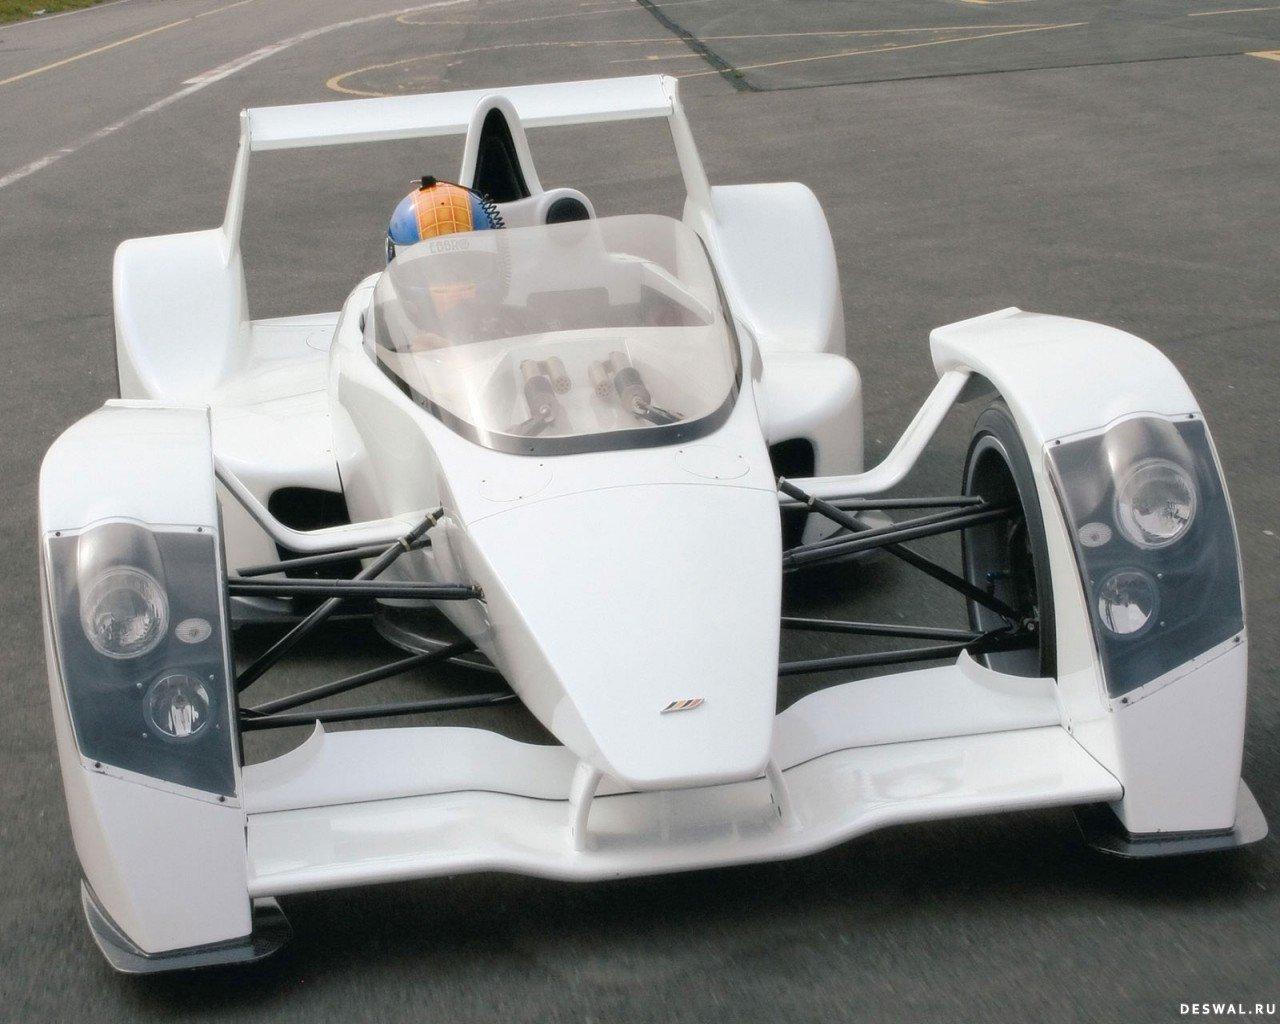 Автомобиль Caparo на классной фотографии, Нажмите на картинку с обоями автомобиля caparo, чтобы просмотреть ее в реальном размере